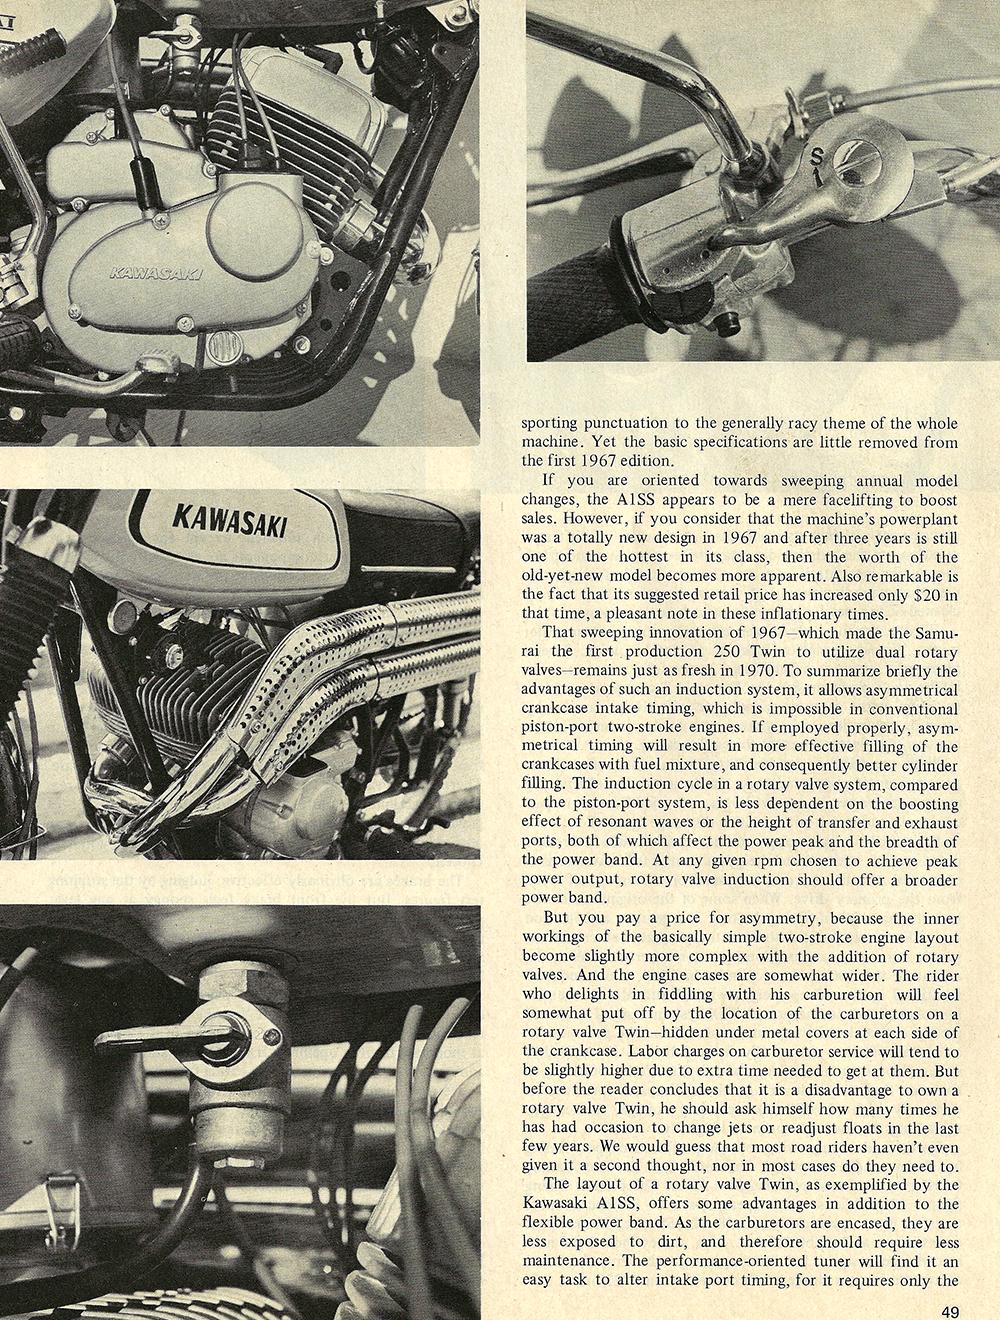 1970 Kawasaki Samurai A1SS road test 02.jpg